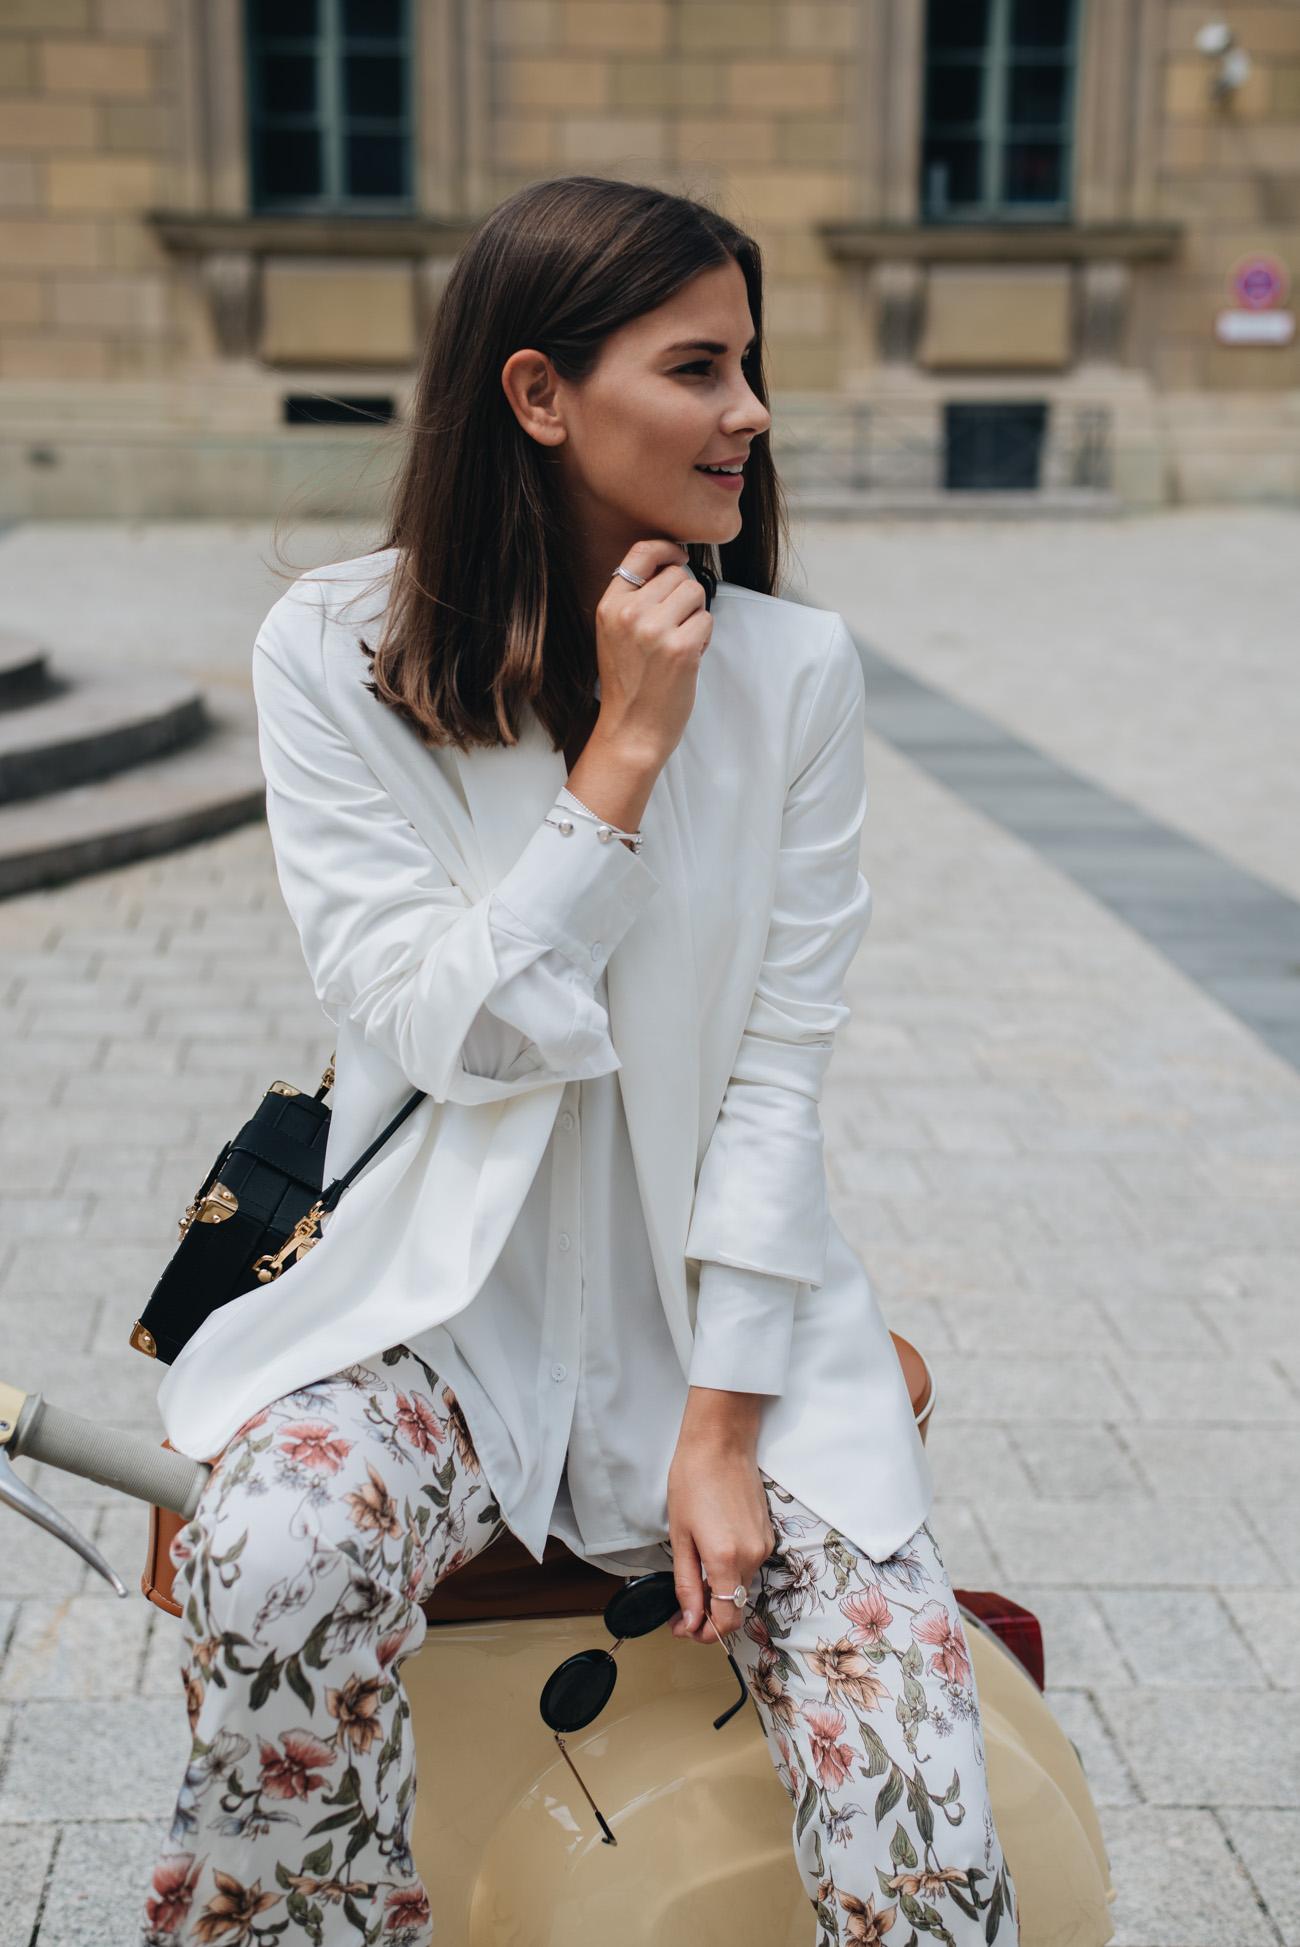 styling-tipps-für-das-tragen-einem-weißen-blazer-in-der-freizeit-fashiioncarpet-nina-schwichtenberg